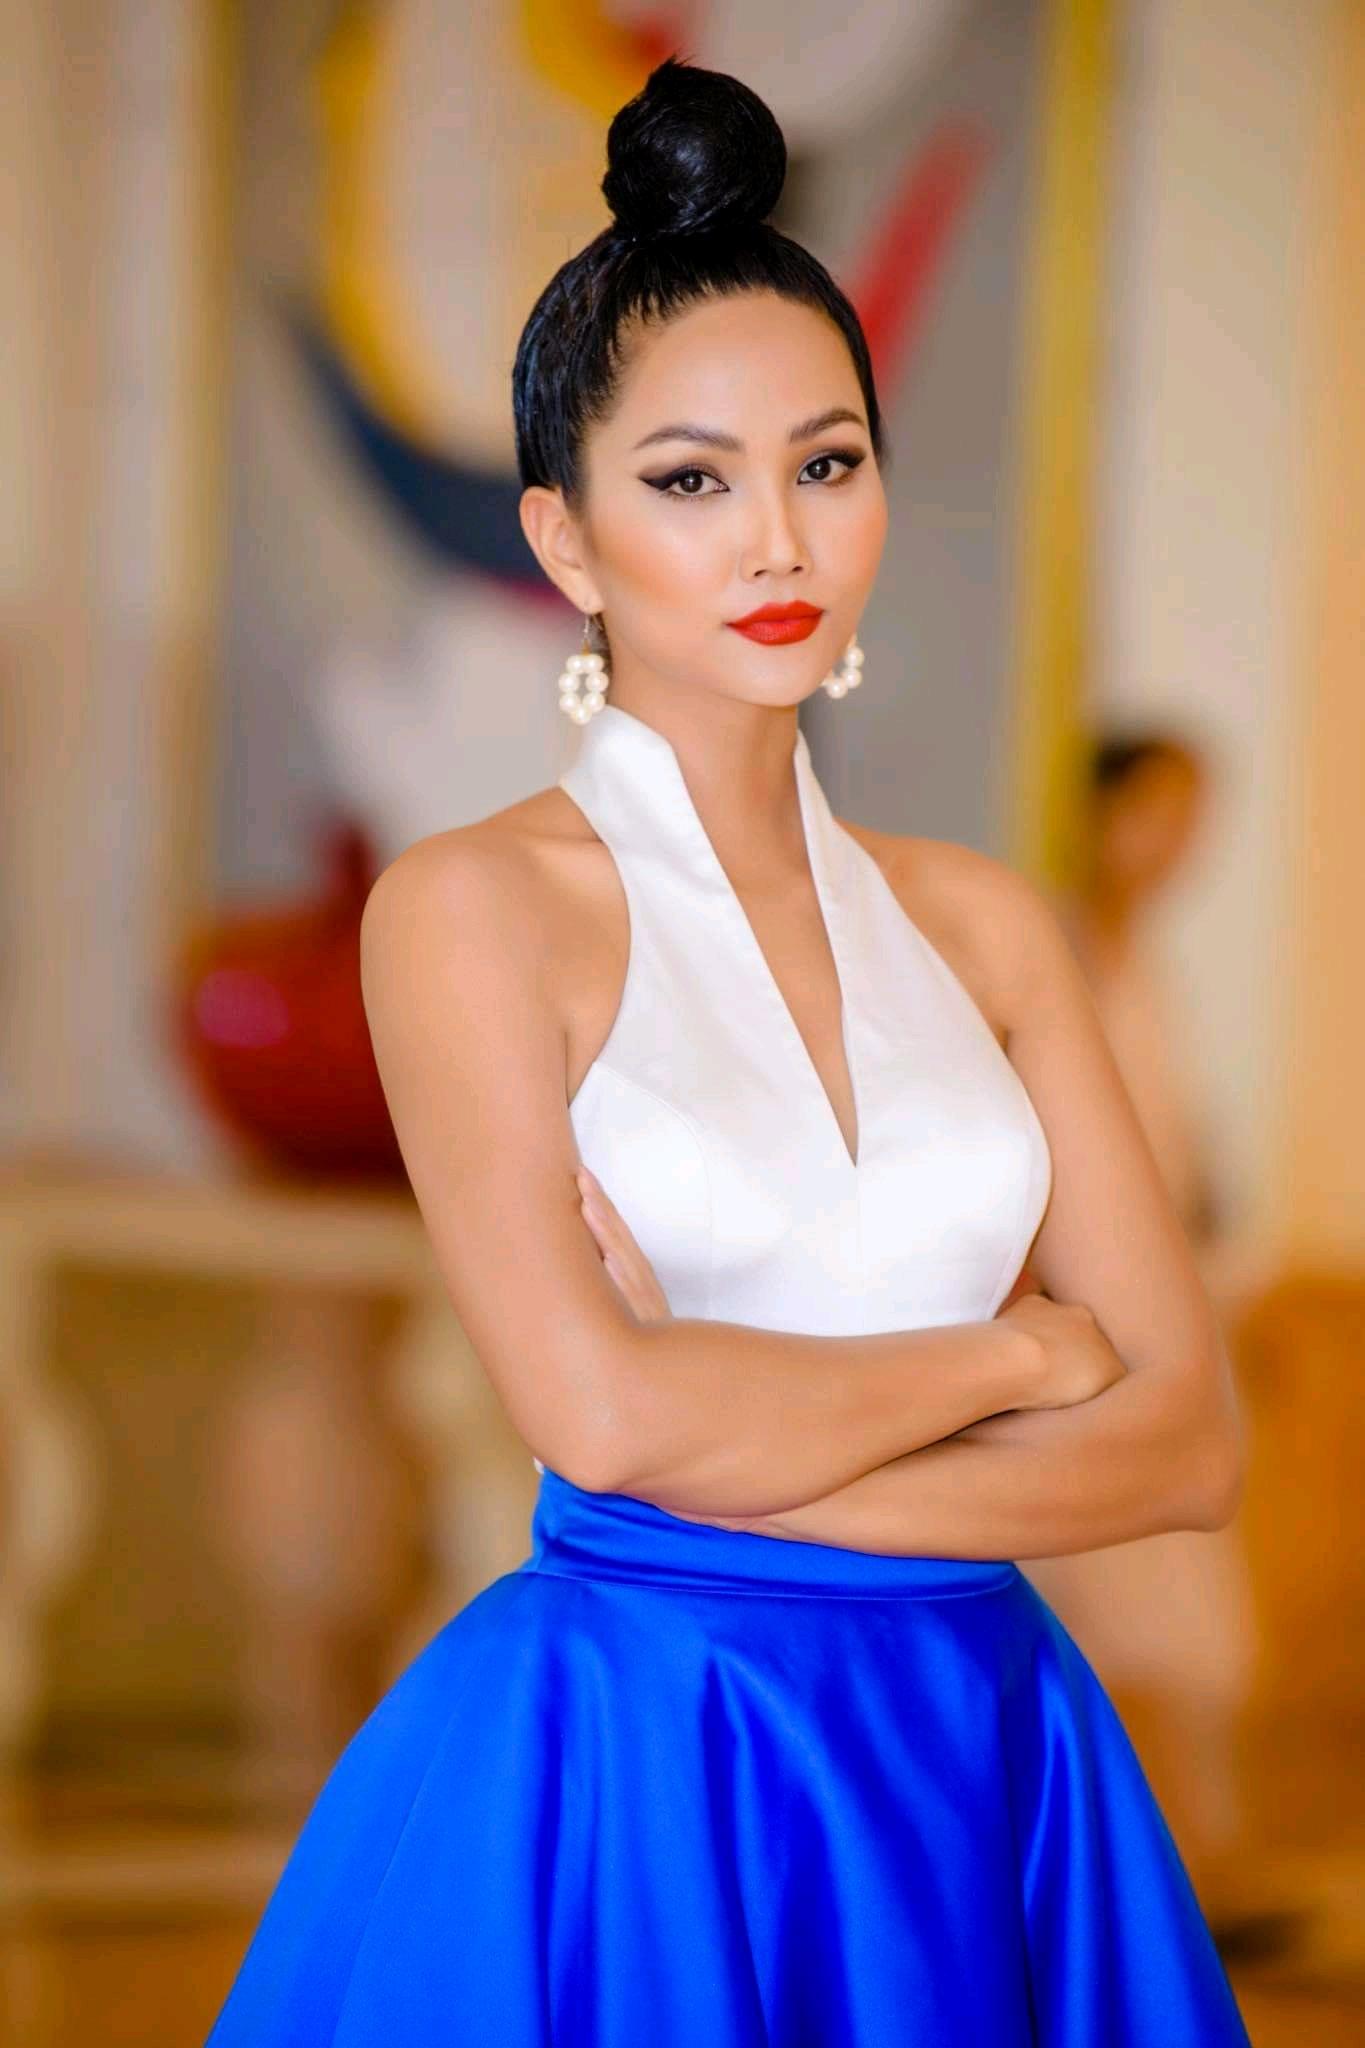 HHen Niê - Tin tức, Hình ảnh mới nhất Tân hoa hậu Việt Nam 2017